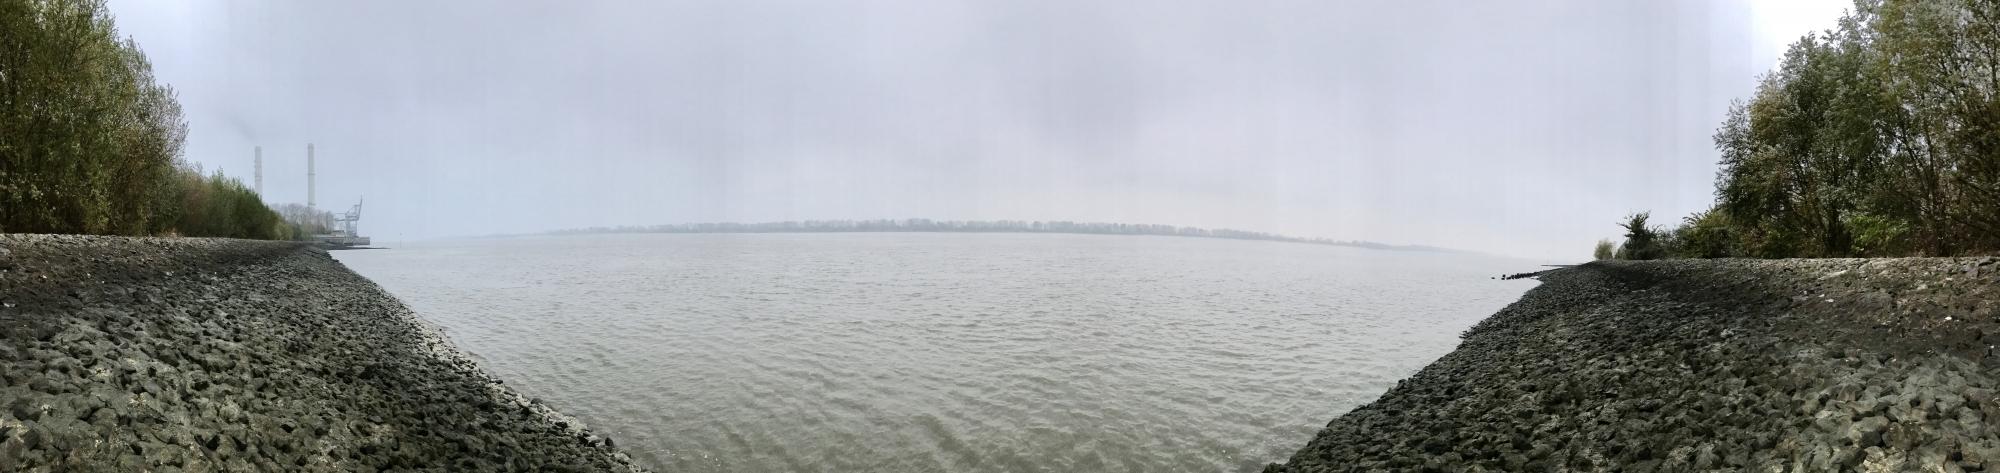 2016 11 10 Wedel Elbe Panorama